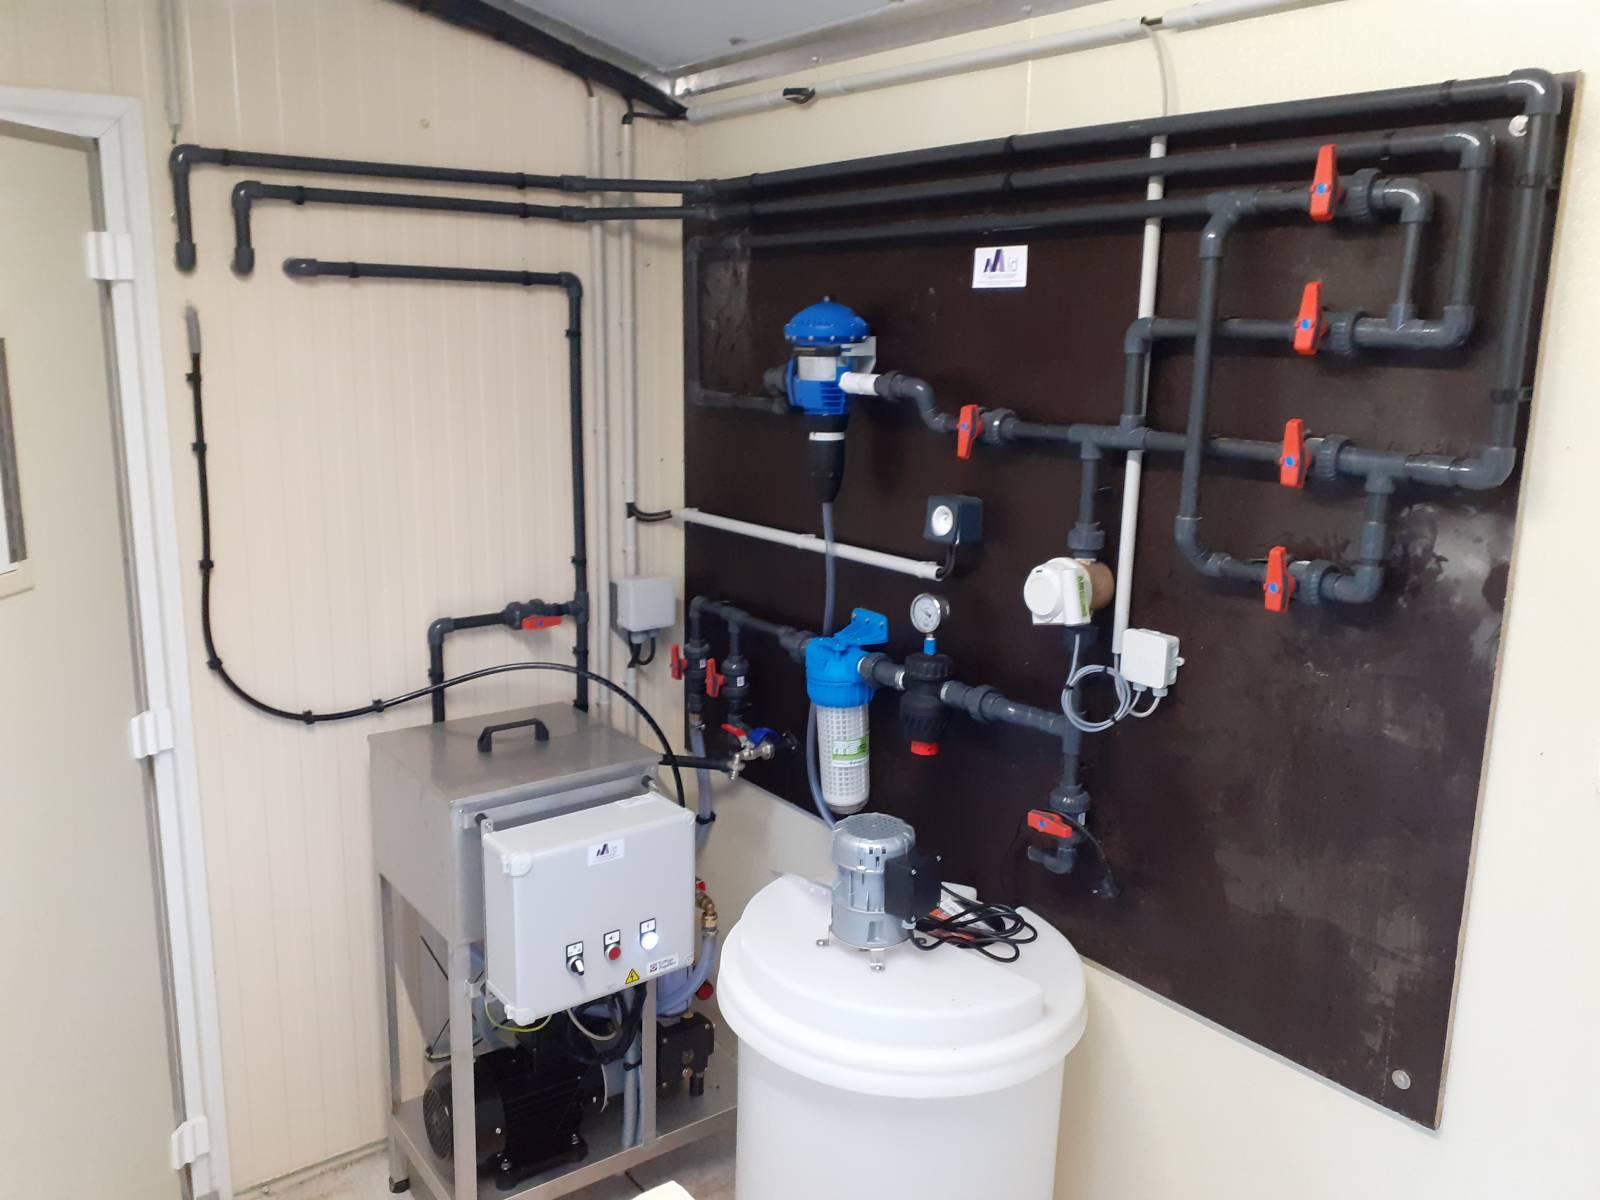 Tableau de distribution et de traitement de l'eau - Groupe de brumisation HP